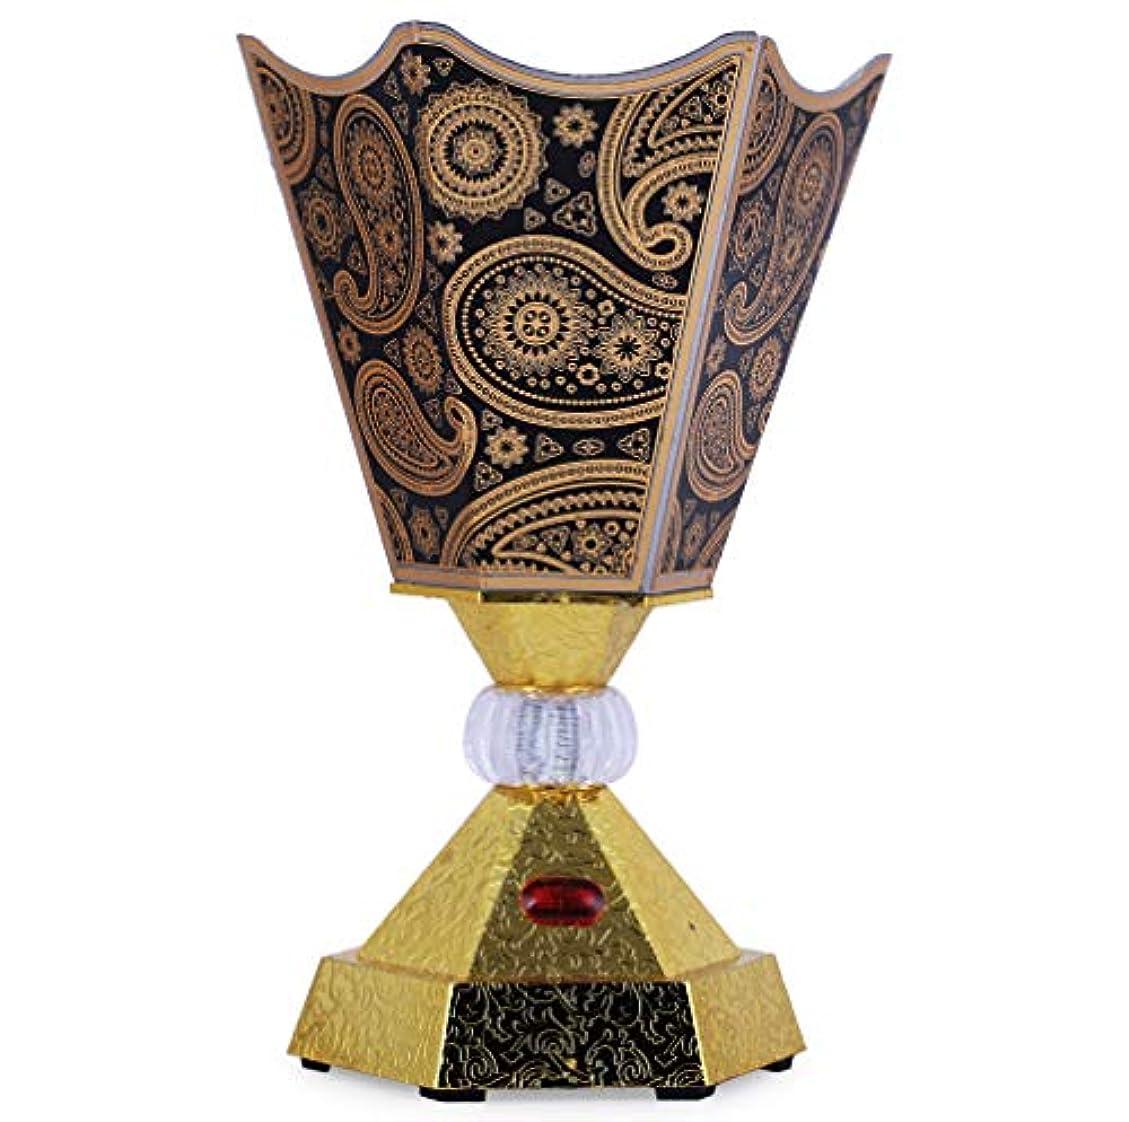 寄稿者洞窟気づくVintage Style Incense Bakhoor/Oud Burner Frankincense Incense Holder Electric, Best for Gifting IB-31-Black